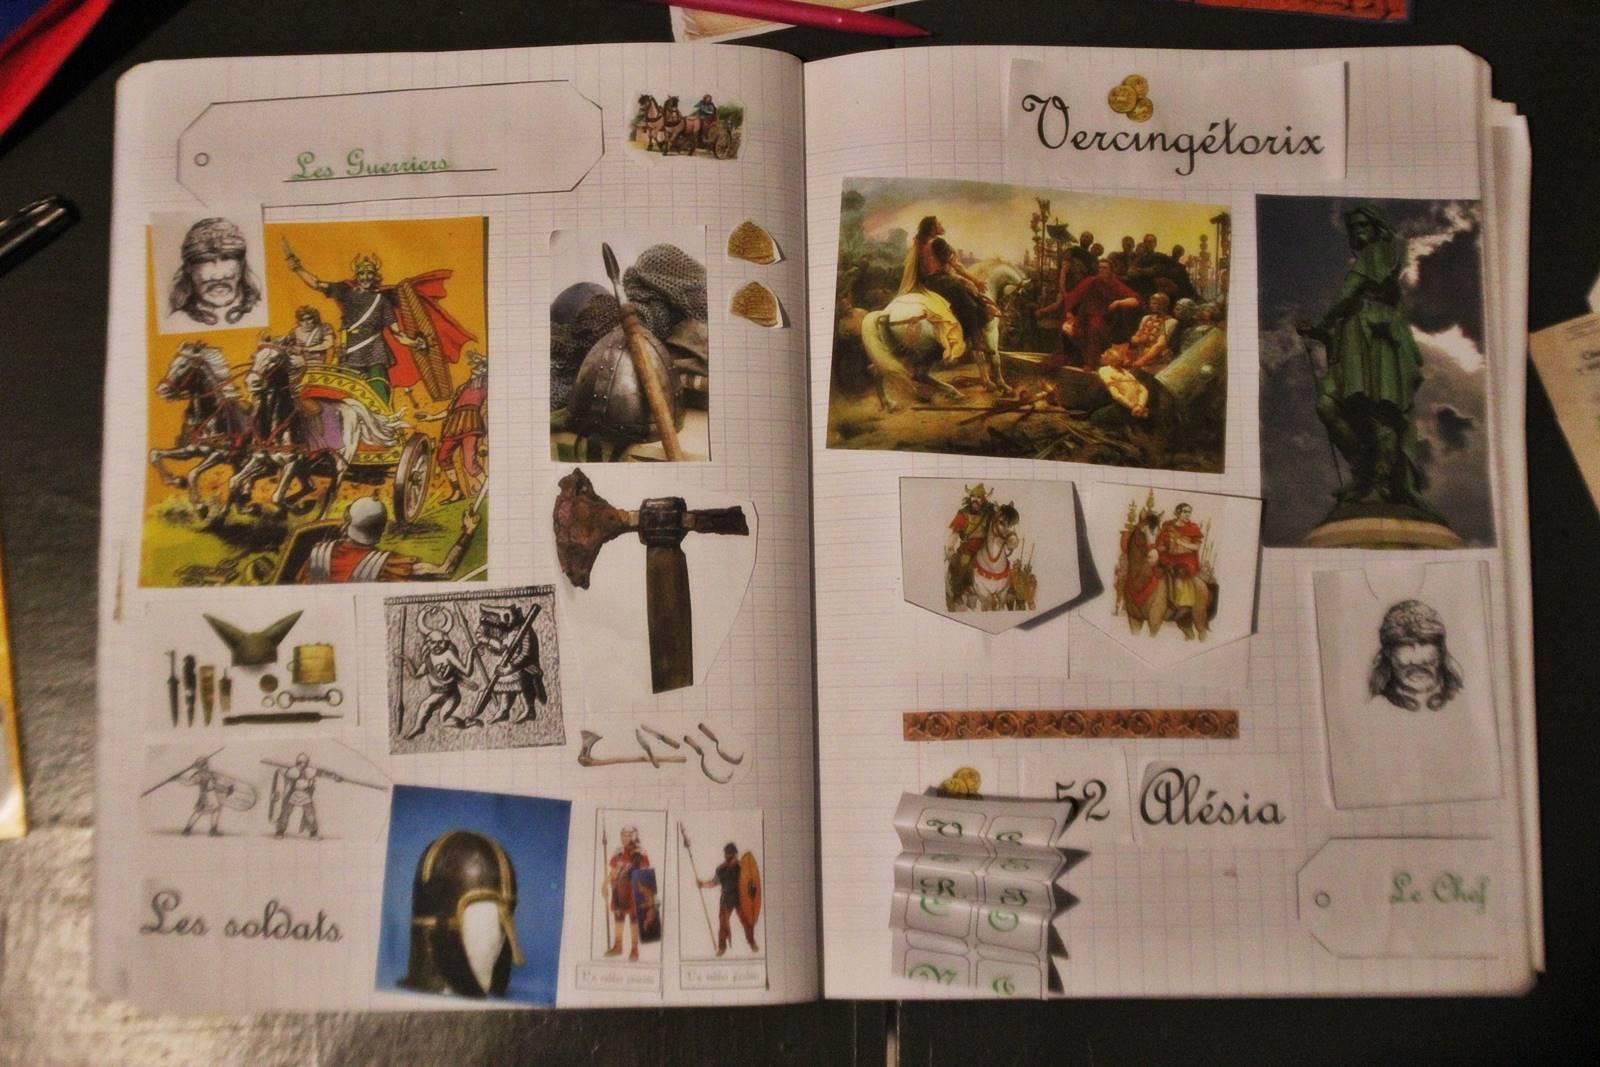 Lapbook gaulois vercingetorix 6